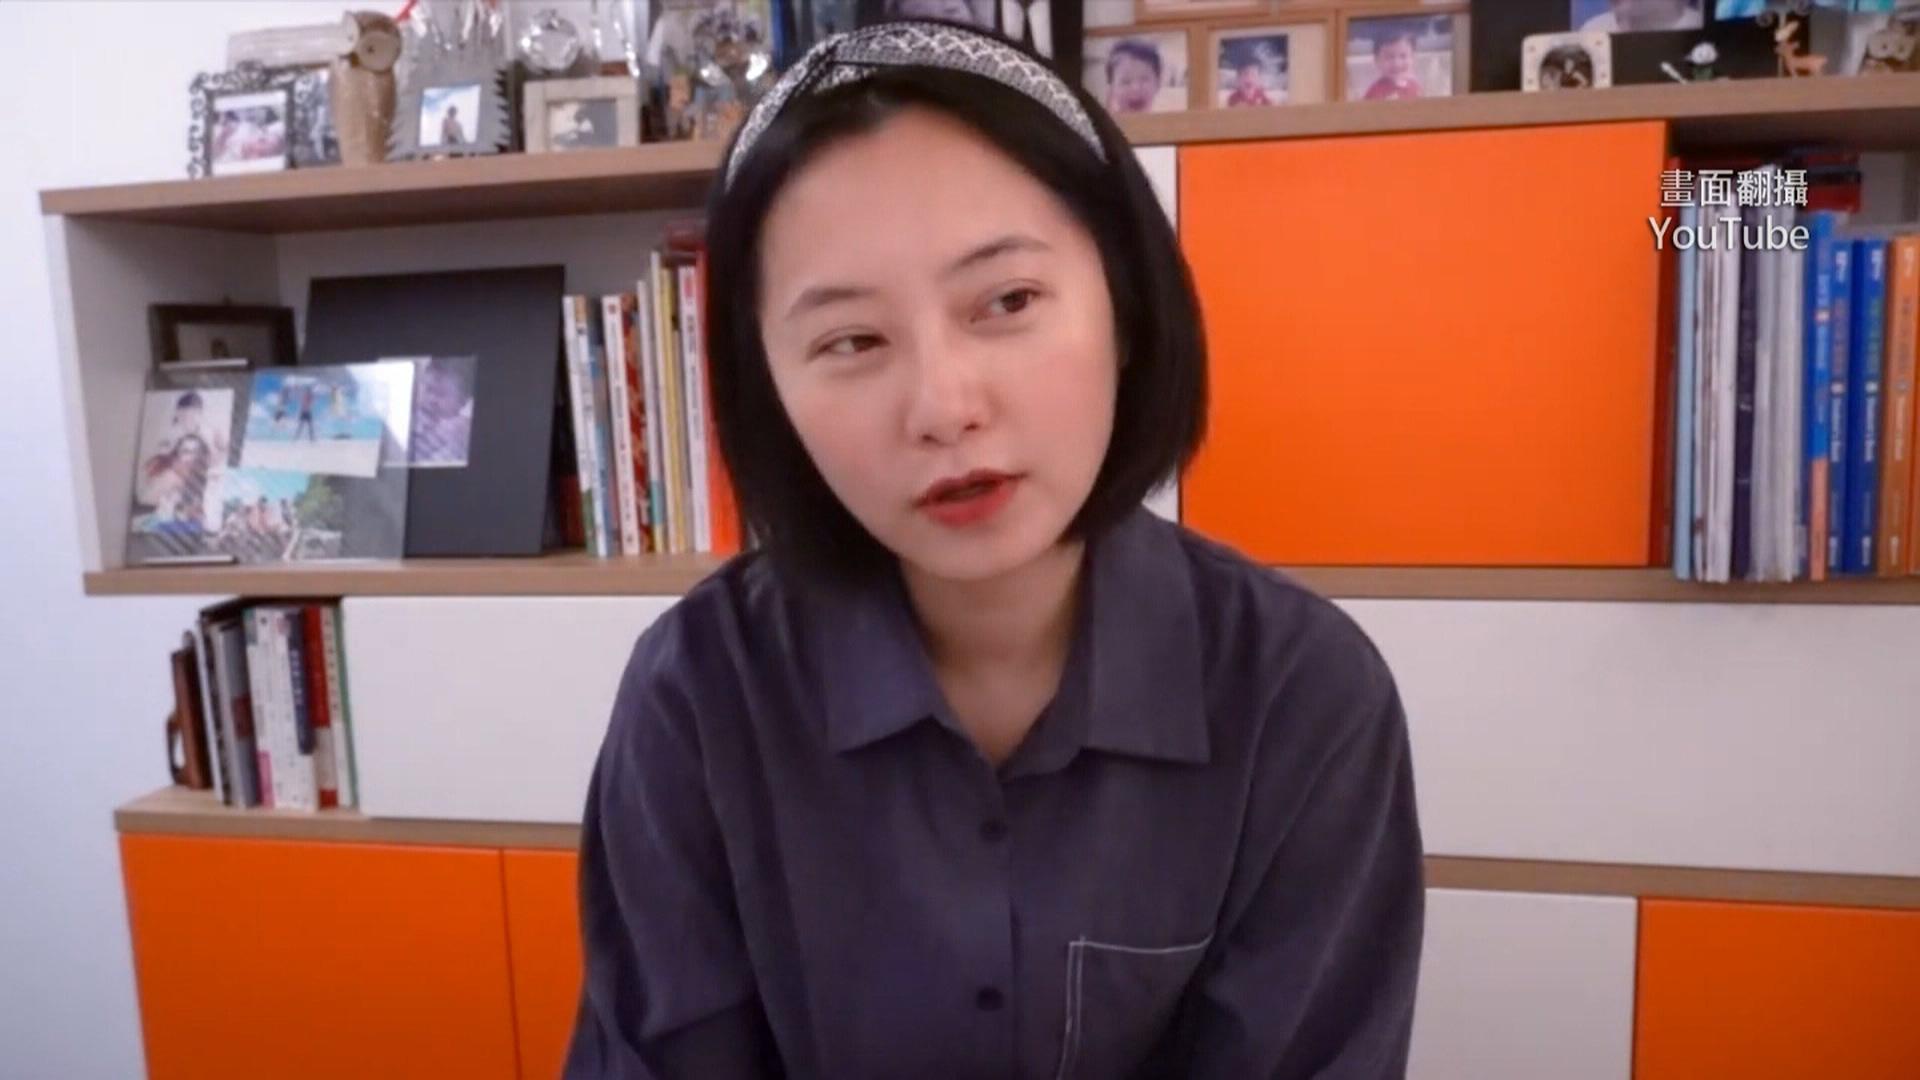 趙小僑哽咽談胎停 劉亮佐抱她痛哭:別再生了!